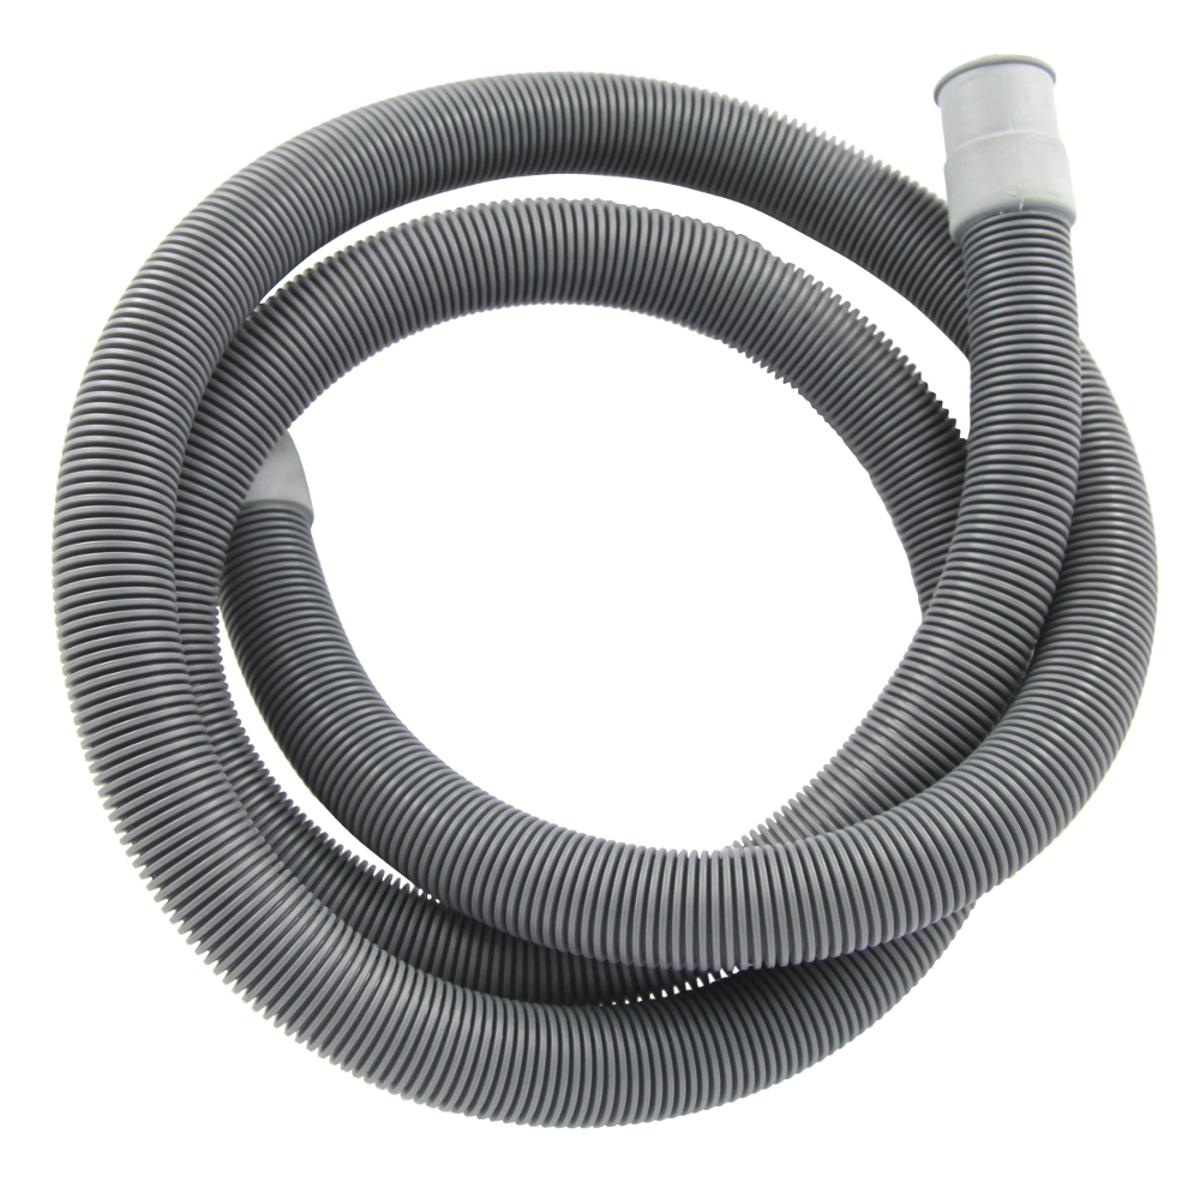 Шланг сливной для стиральной машины, 4м ЗИП-ФЛЕКС68/5/2Шланг сливной предназначен для отведения использованной воды в систему канализацииДлина 4 метра, Россия.